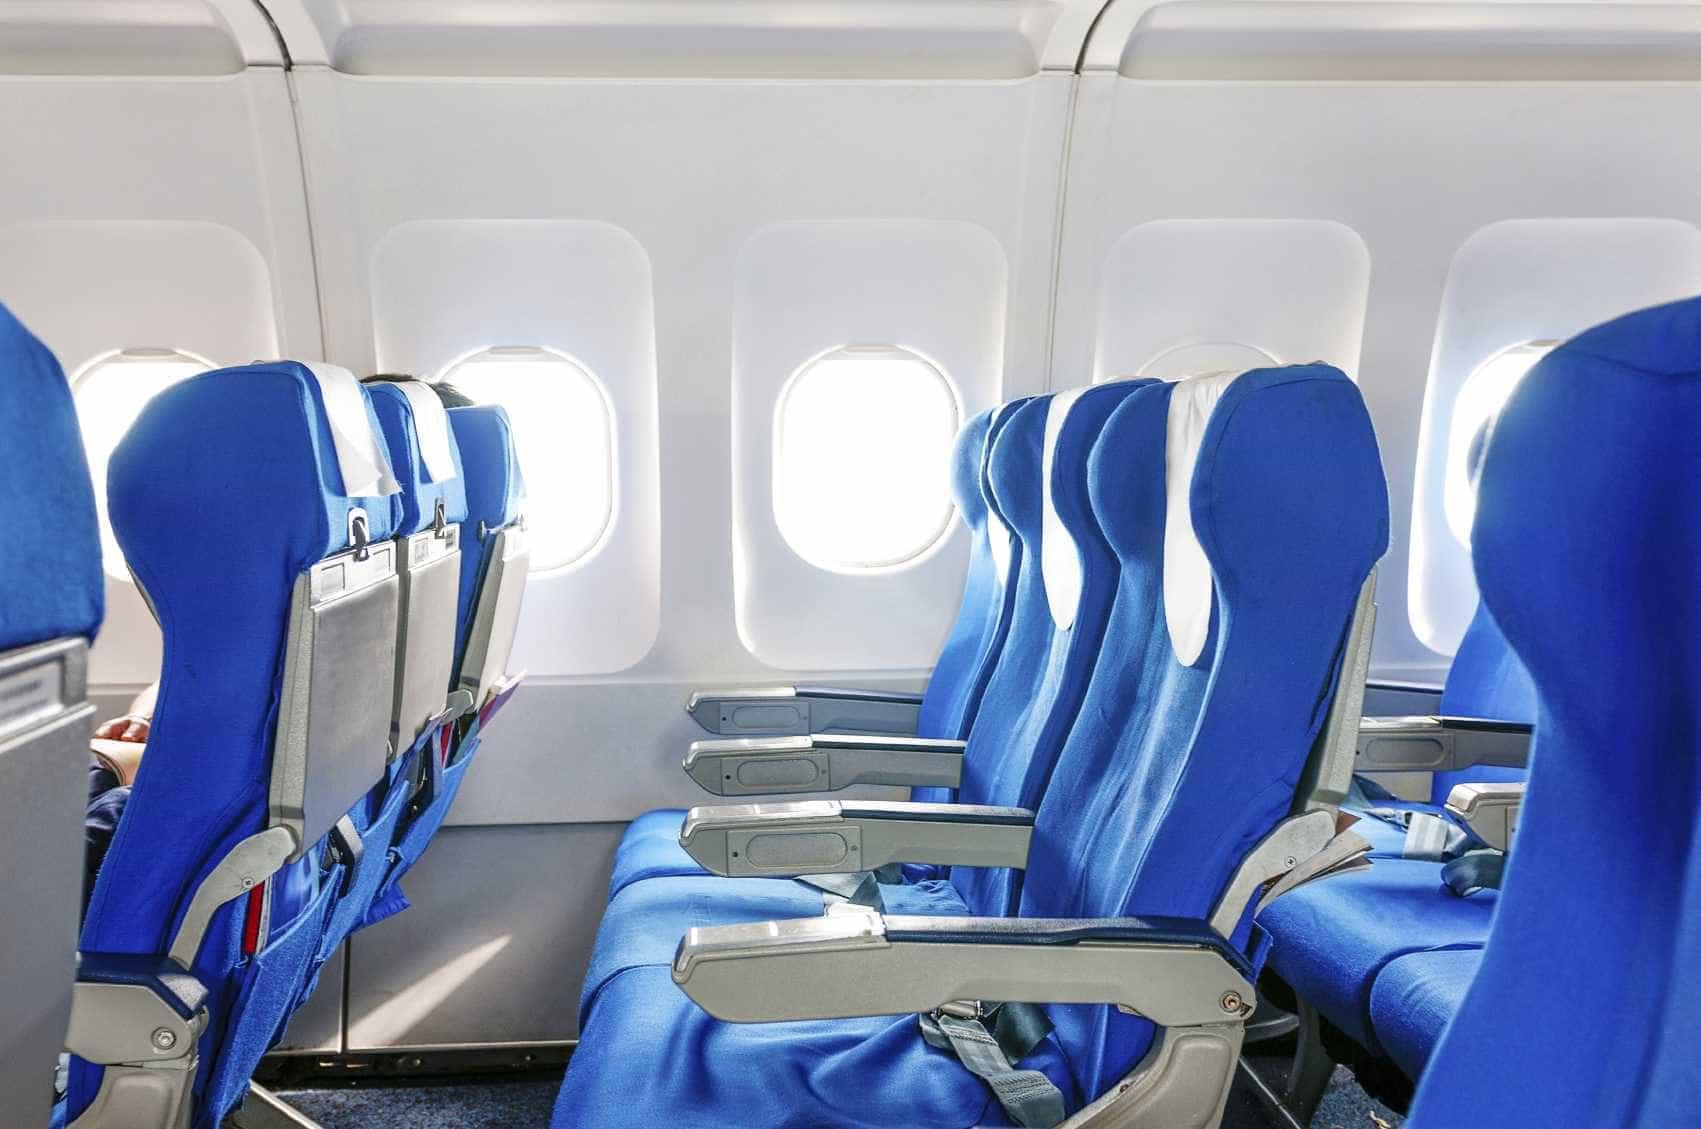 Alcoolizada, urinou na mala de outro passageiro durante viagem de avião